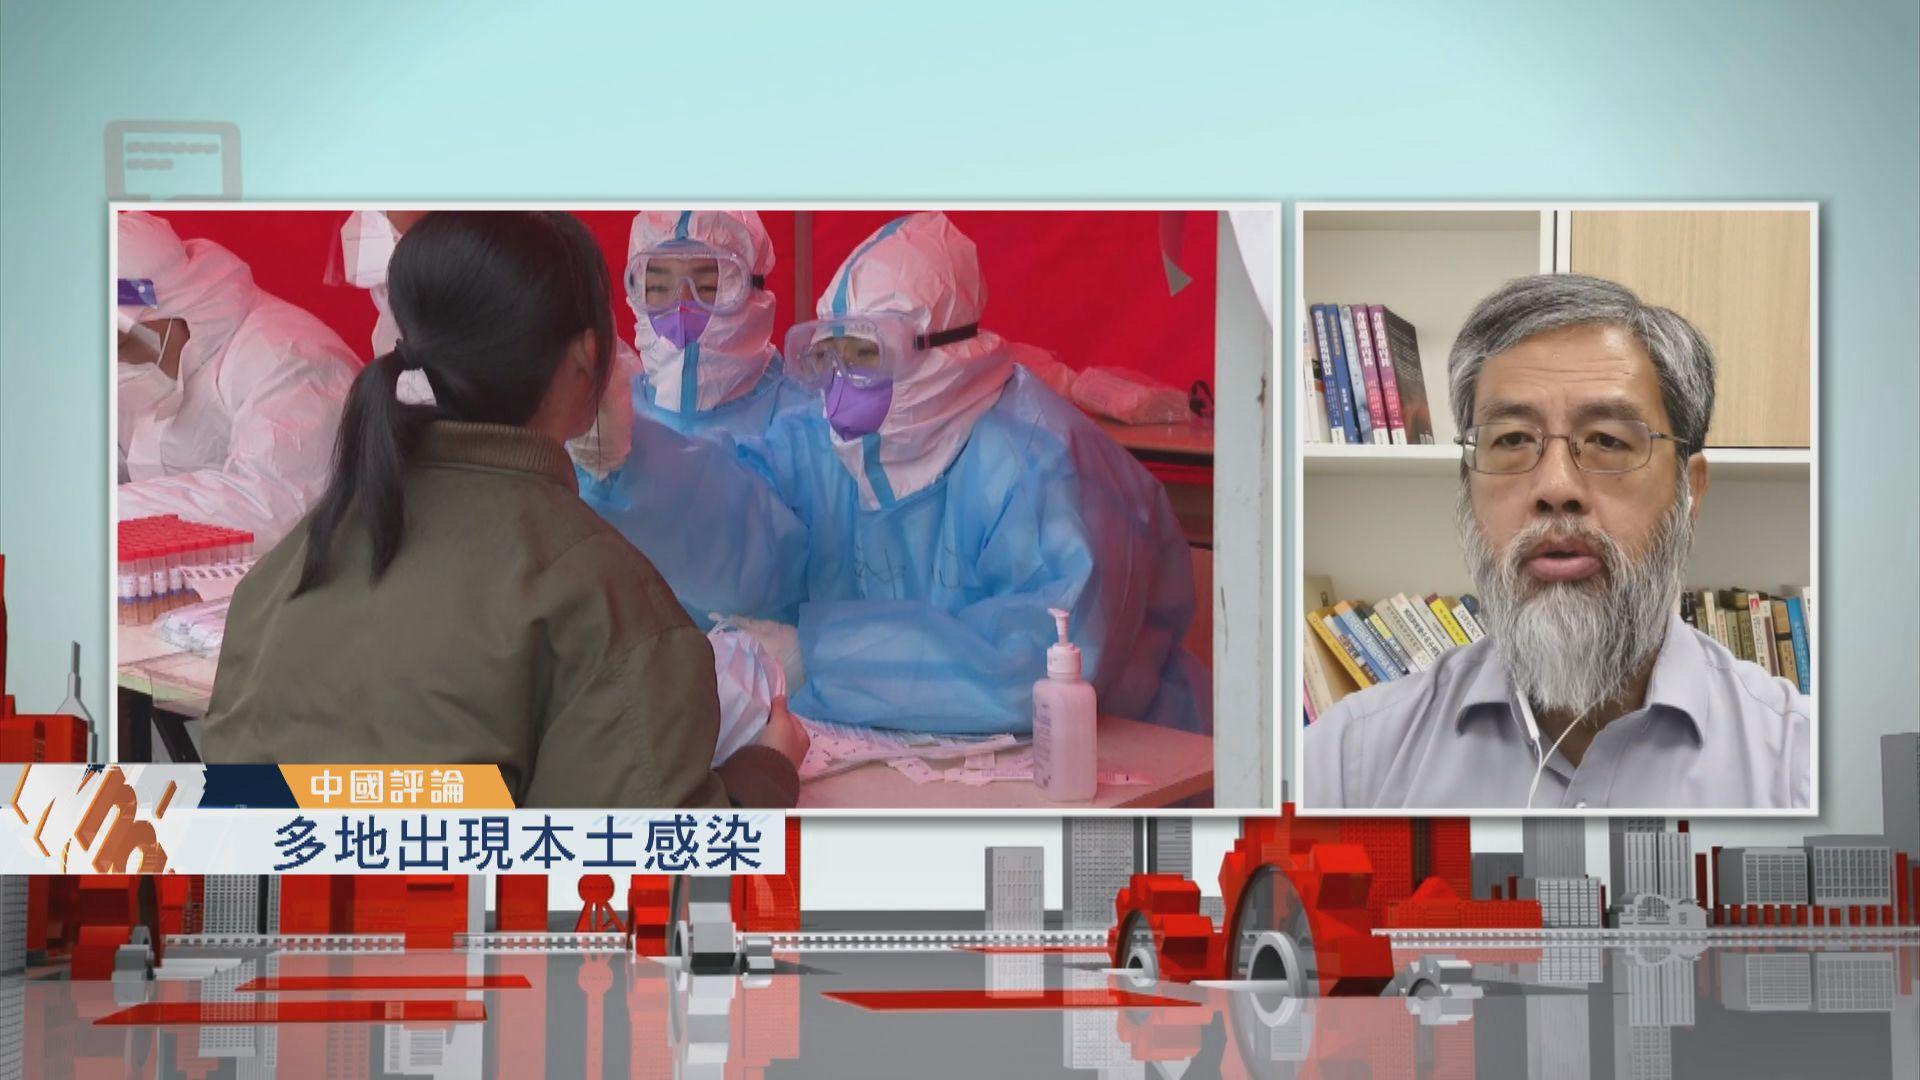 【中國評論】多地現本土感染/數碼科技帶動新就業機會